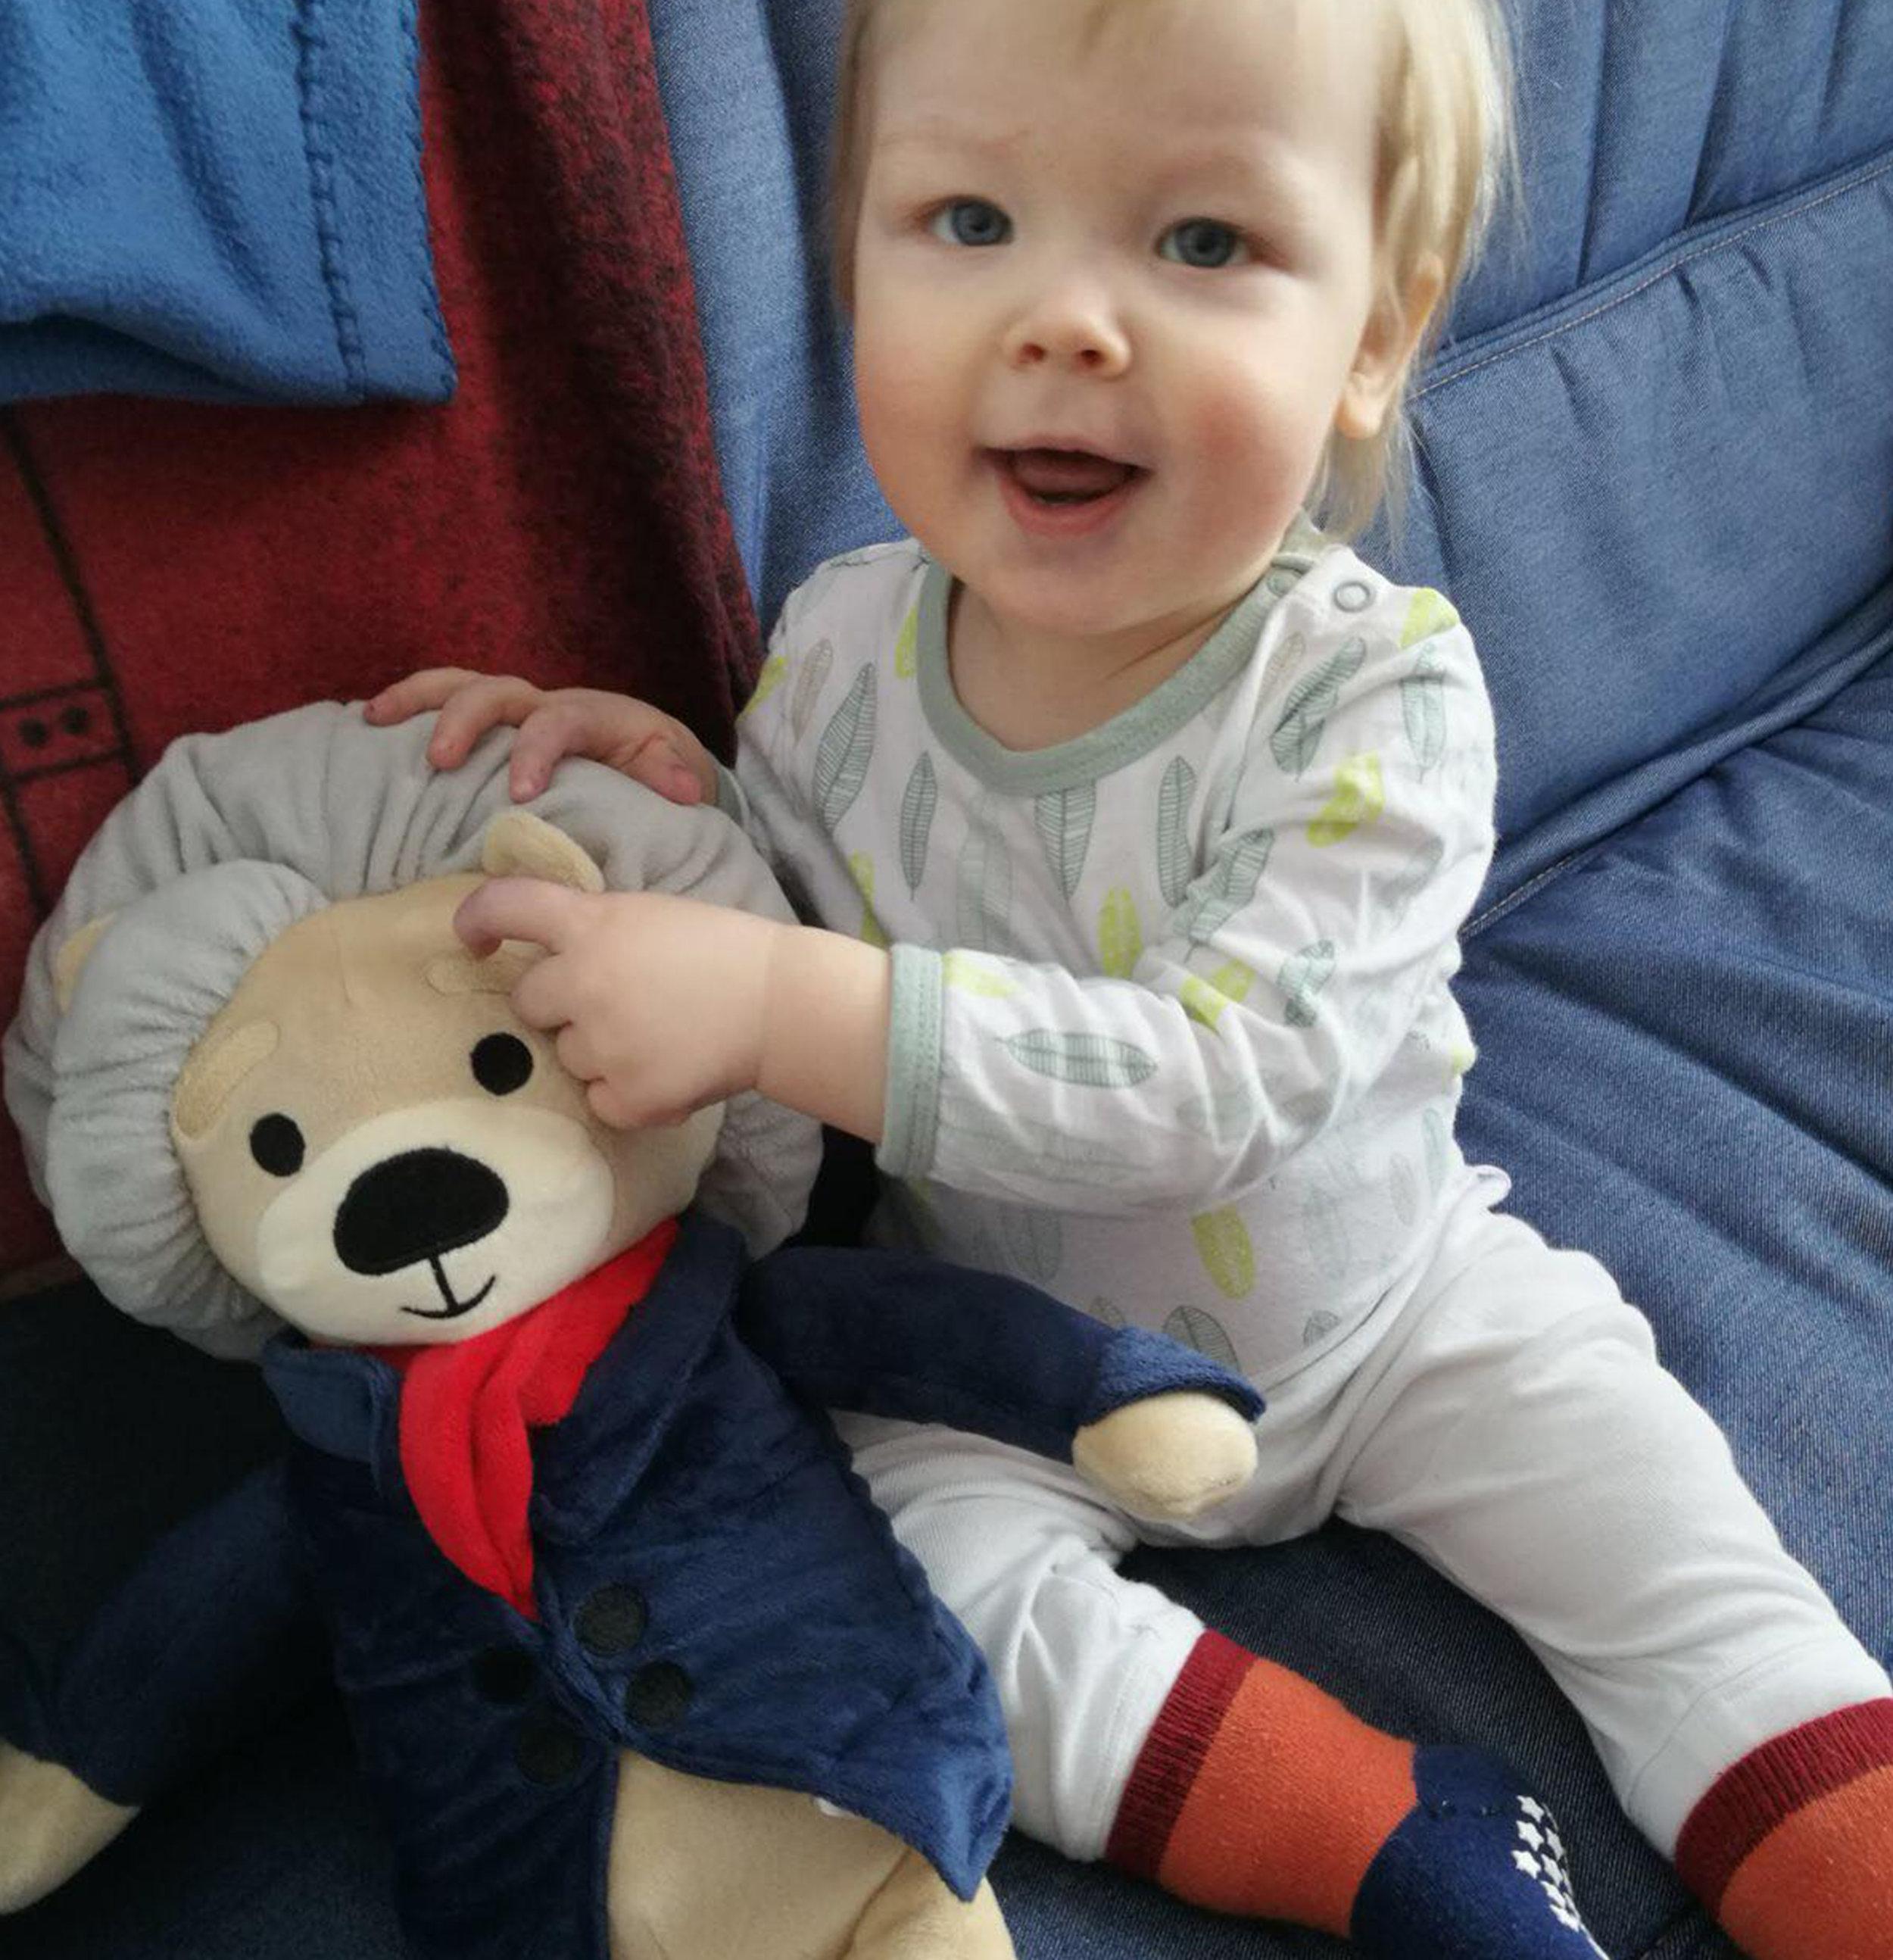 Wilhelm, 1 year